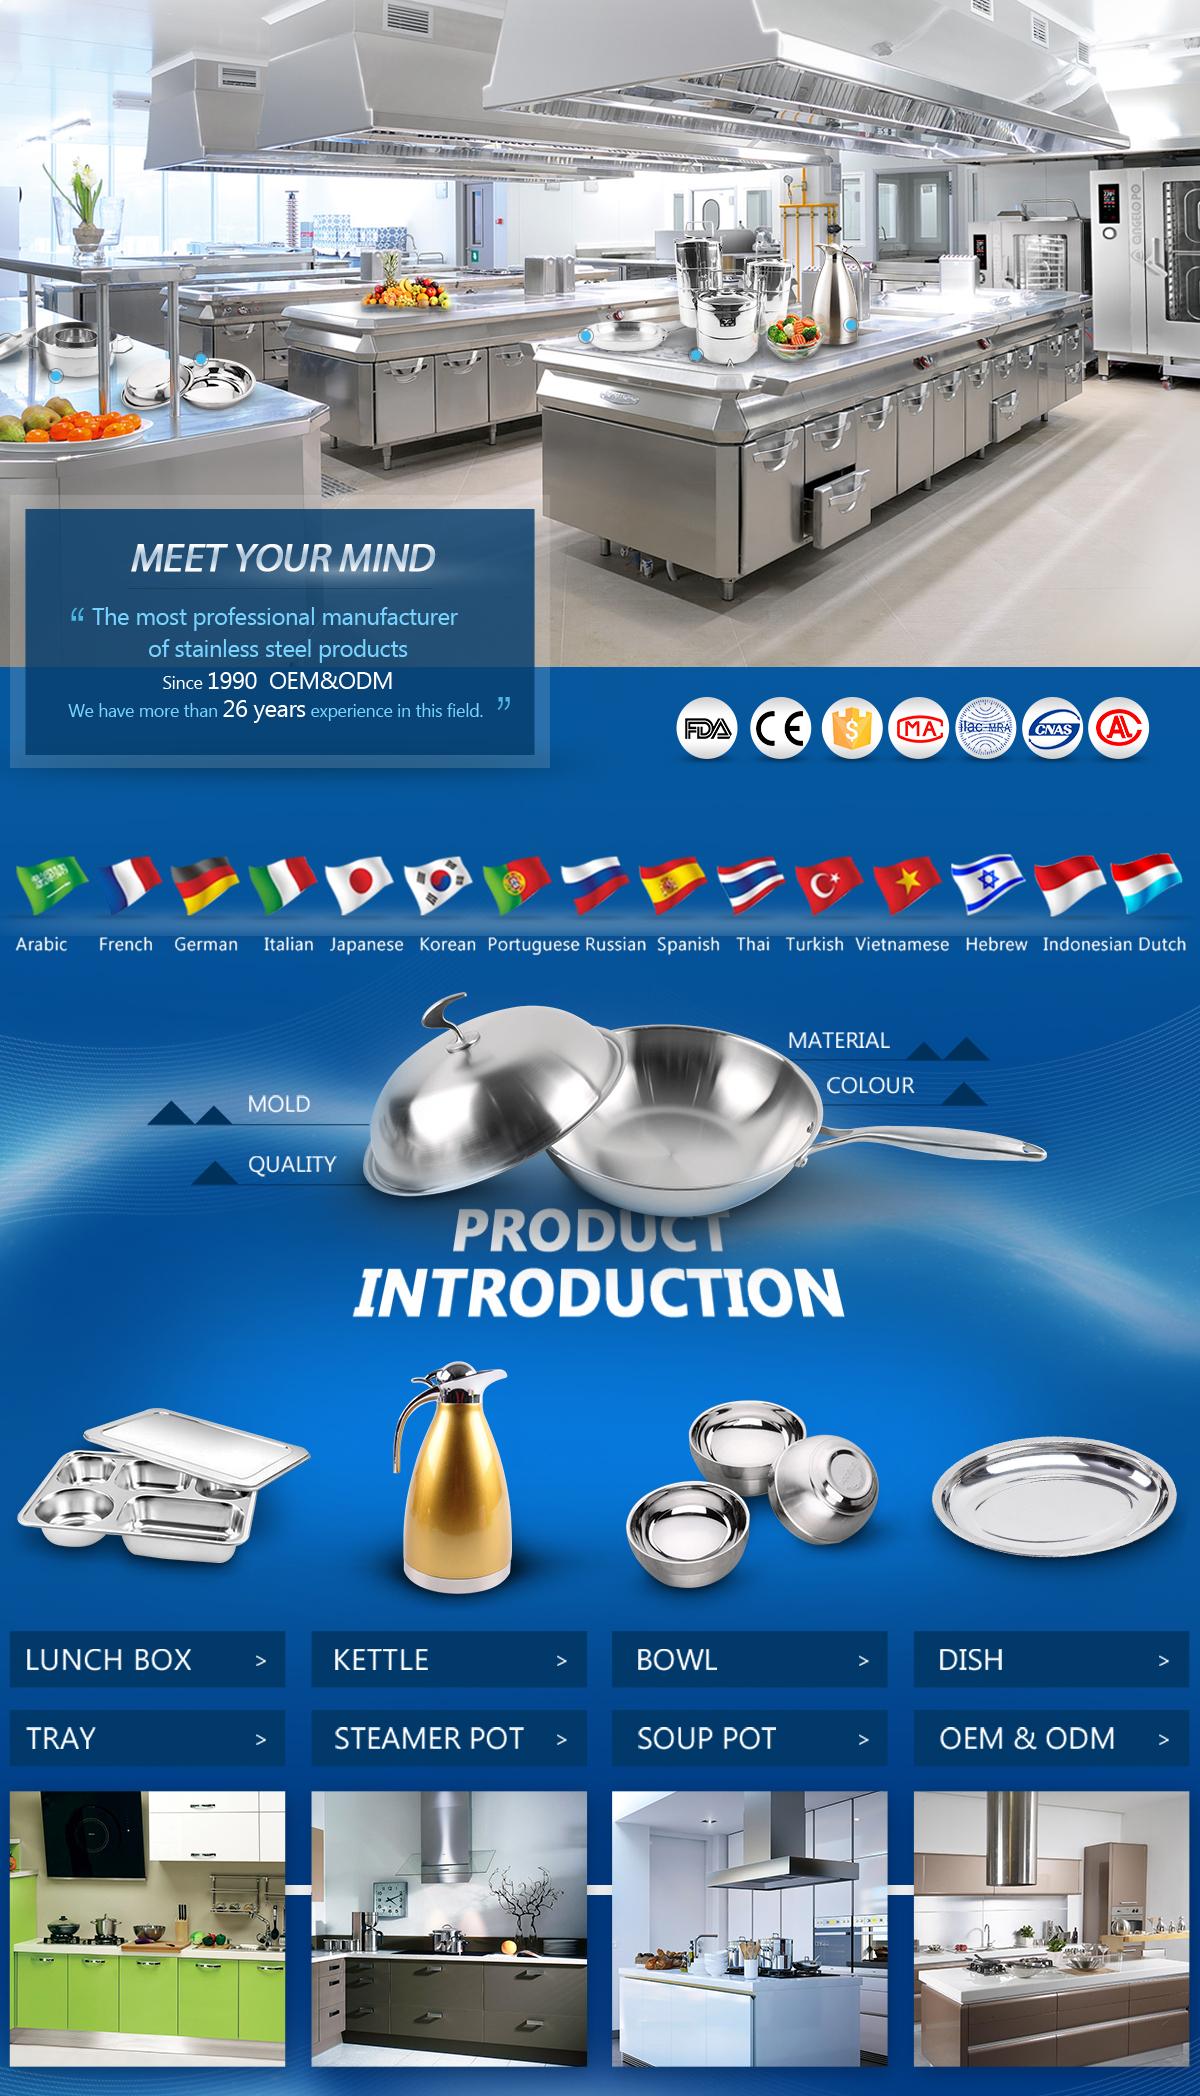 Chaozhou Caitang Lihong Hardware Equipment Factory - lunch box, bowl